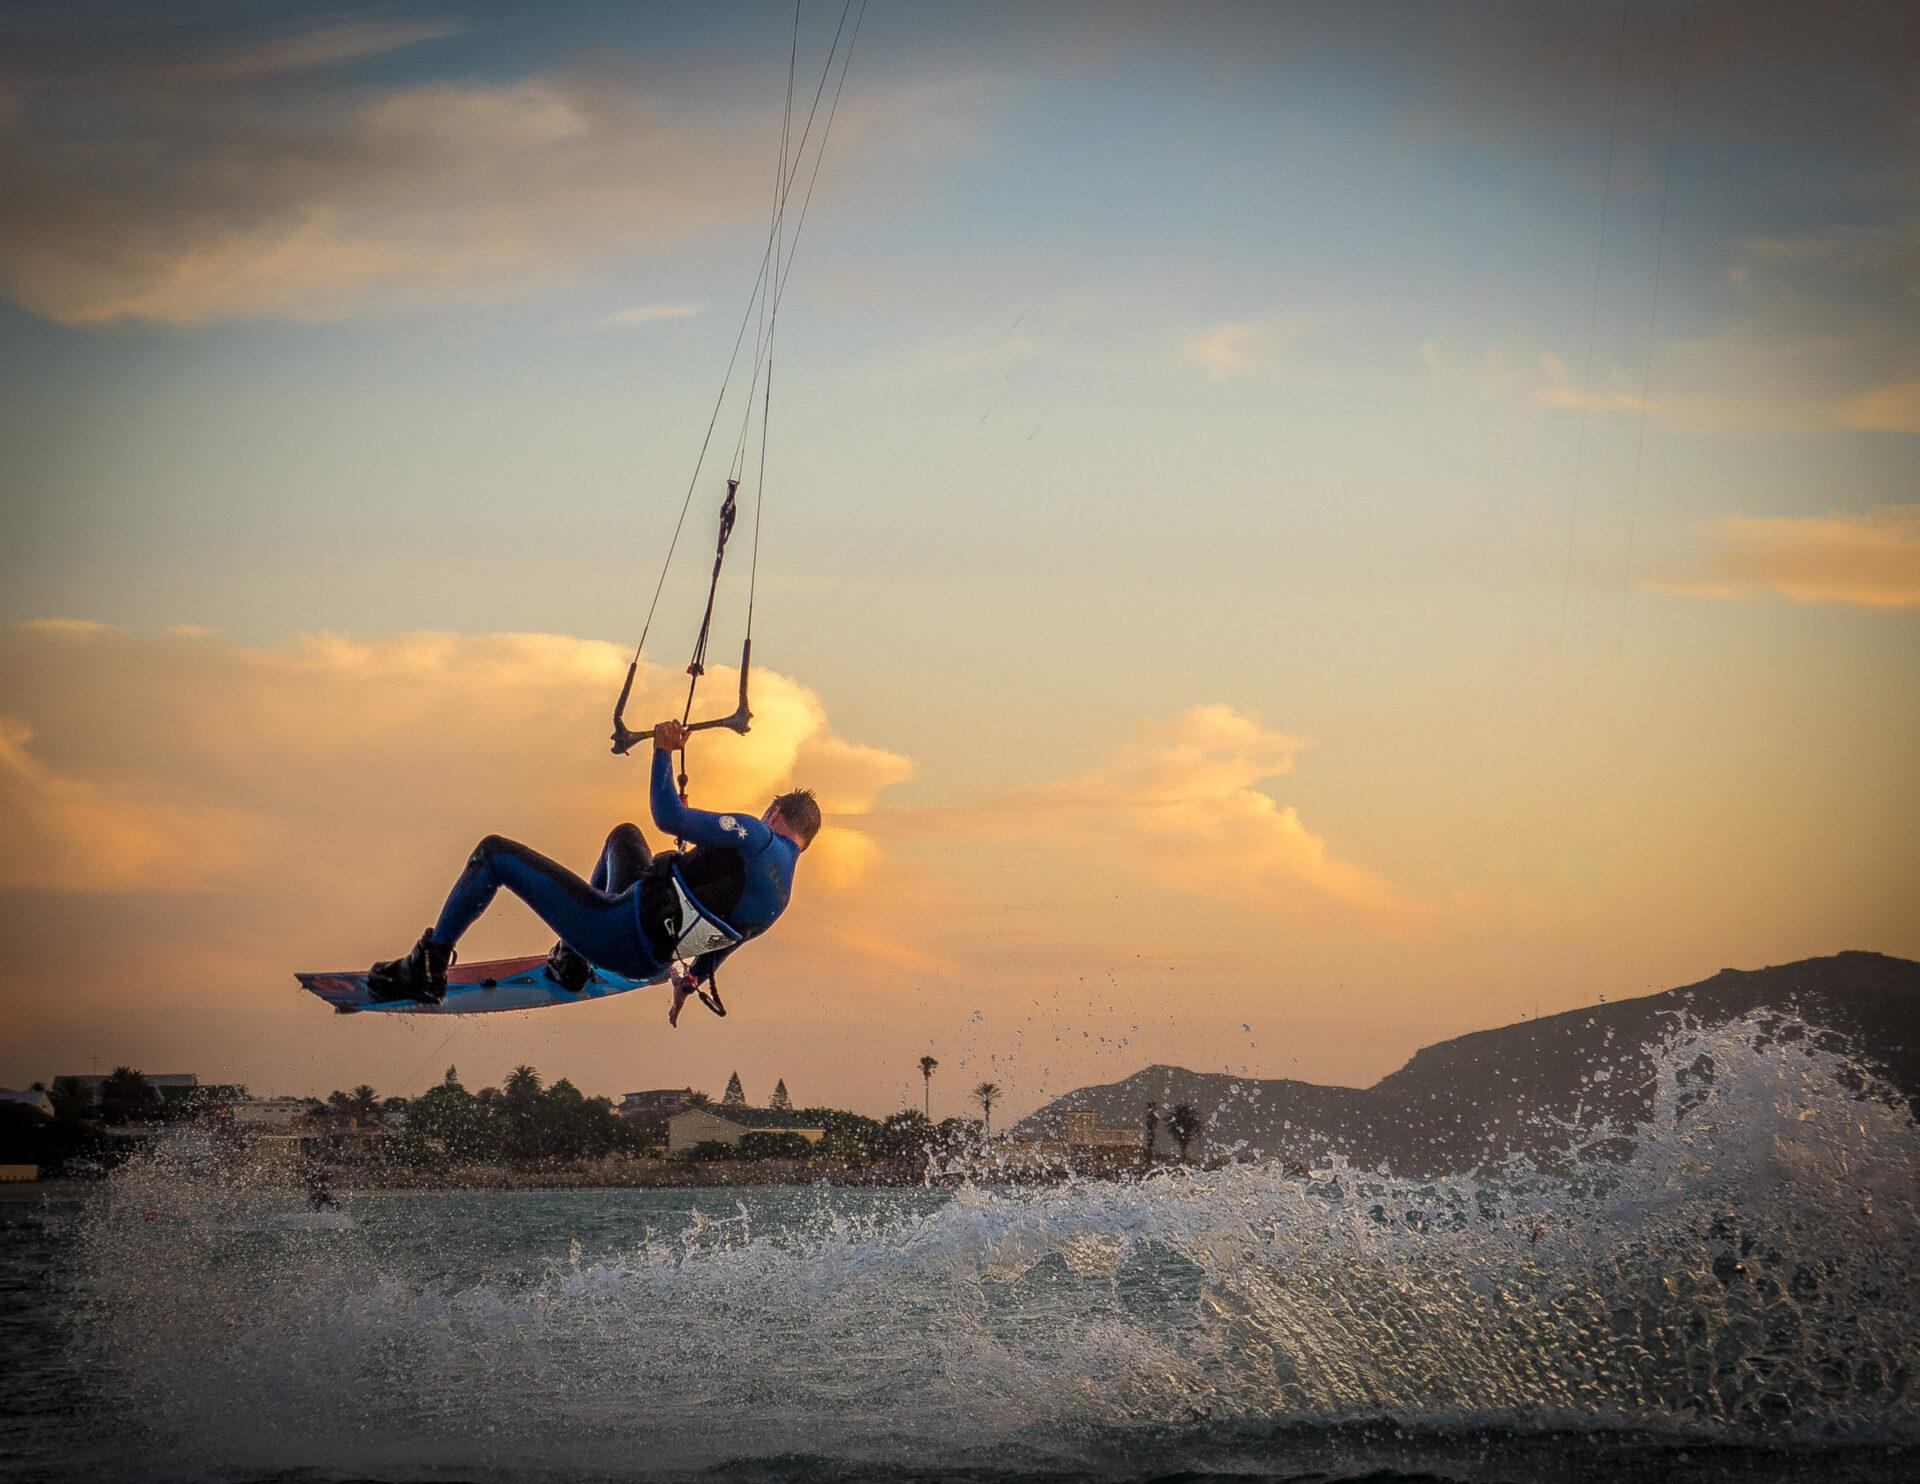 Langebaan kitesurf session